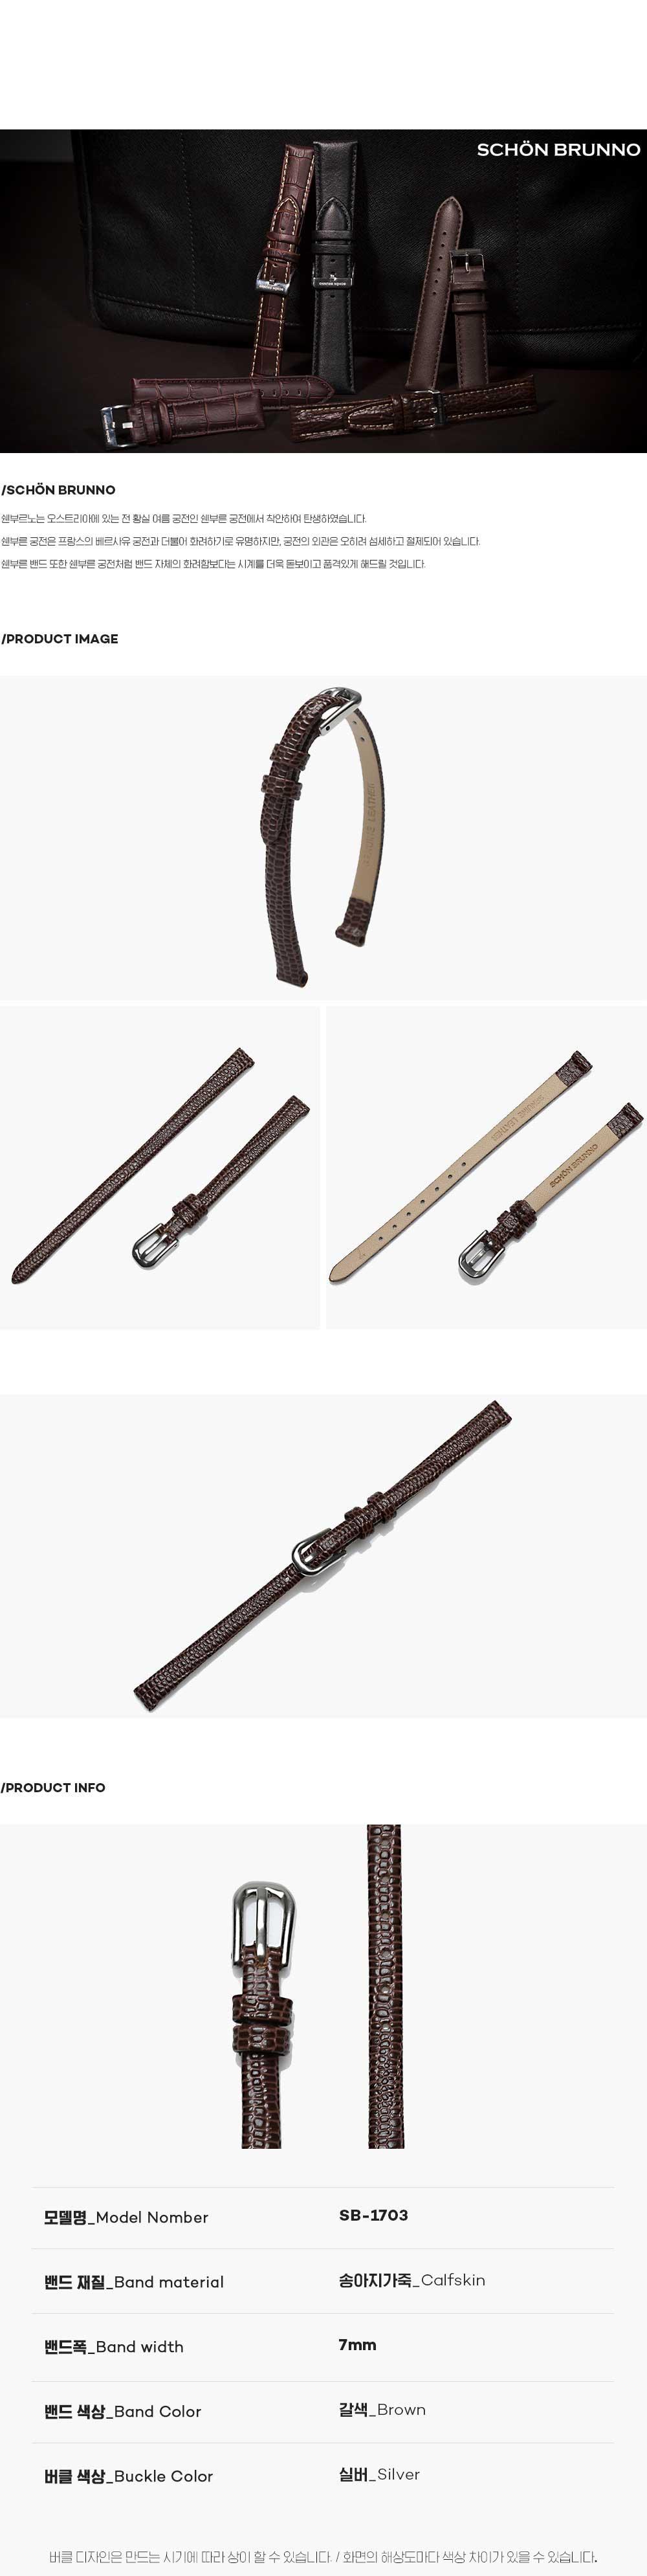 쉔부르노 밴드 SB-1703S 시계줄 7mm - 비더블유아이, 26,900원, 시계ACC, 시계밴드